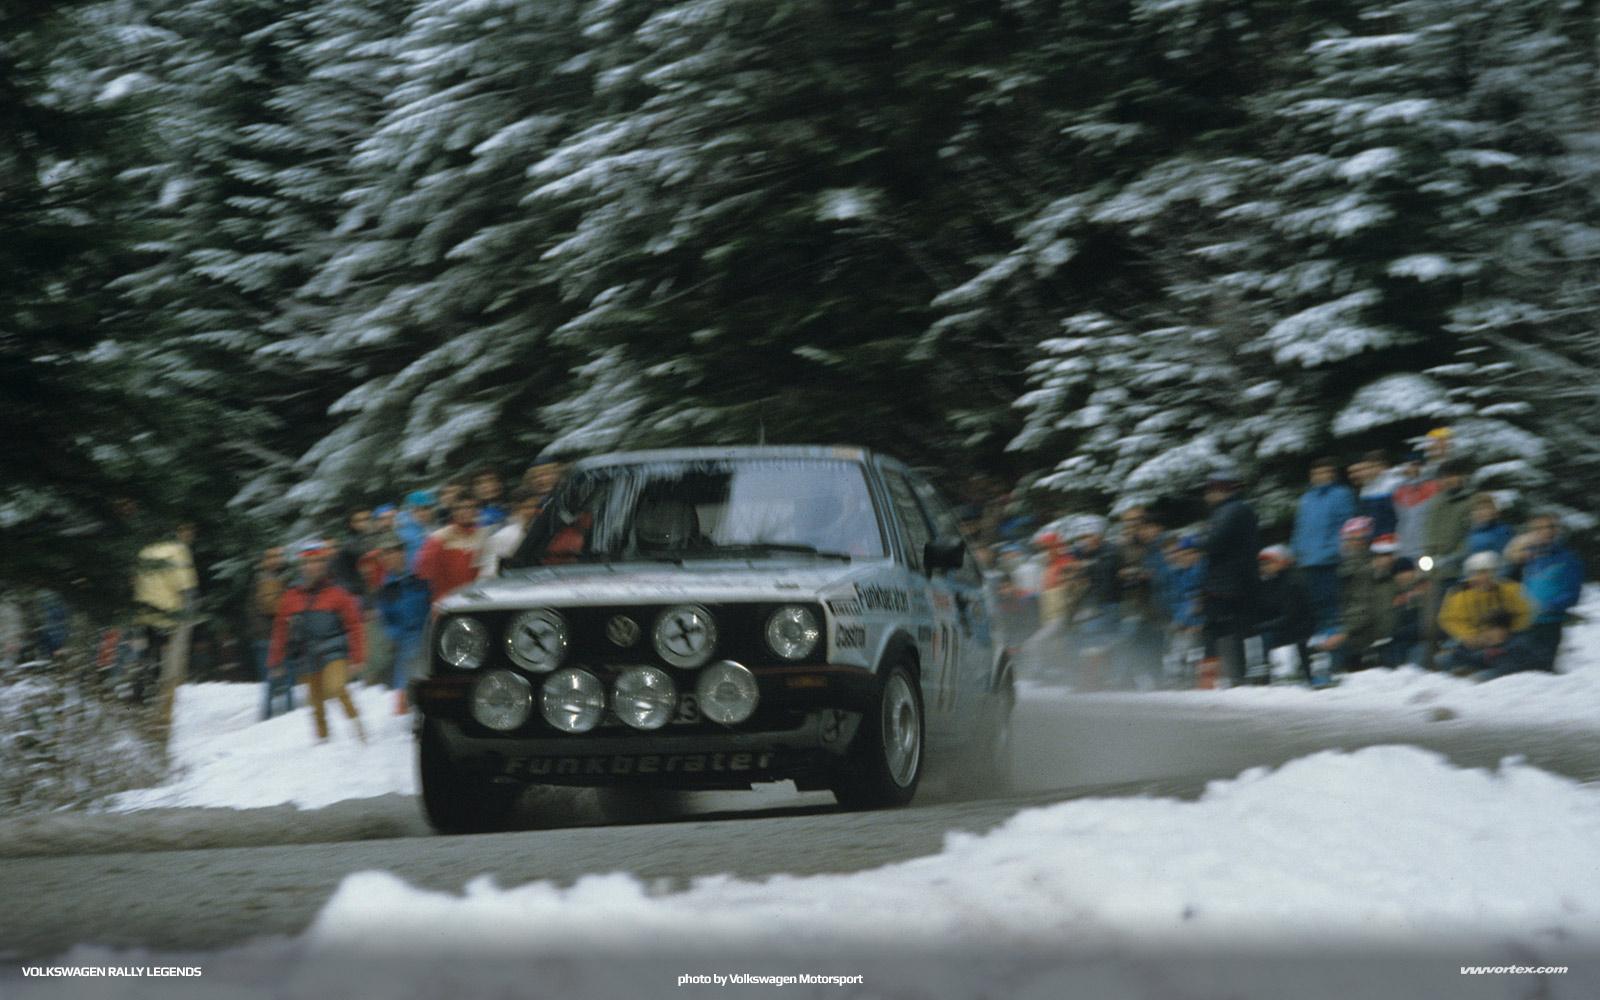 volkswagen-rally-legends-377